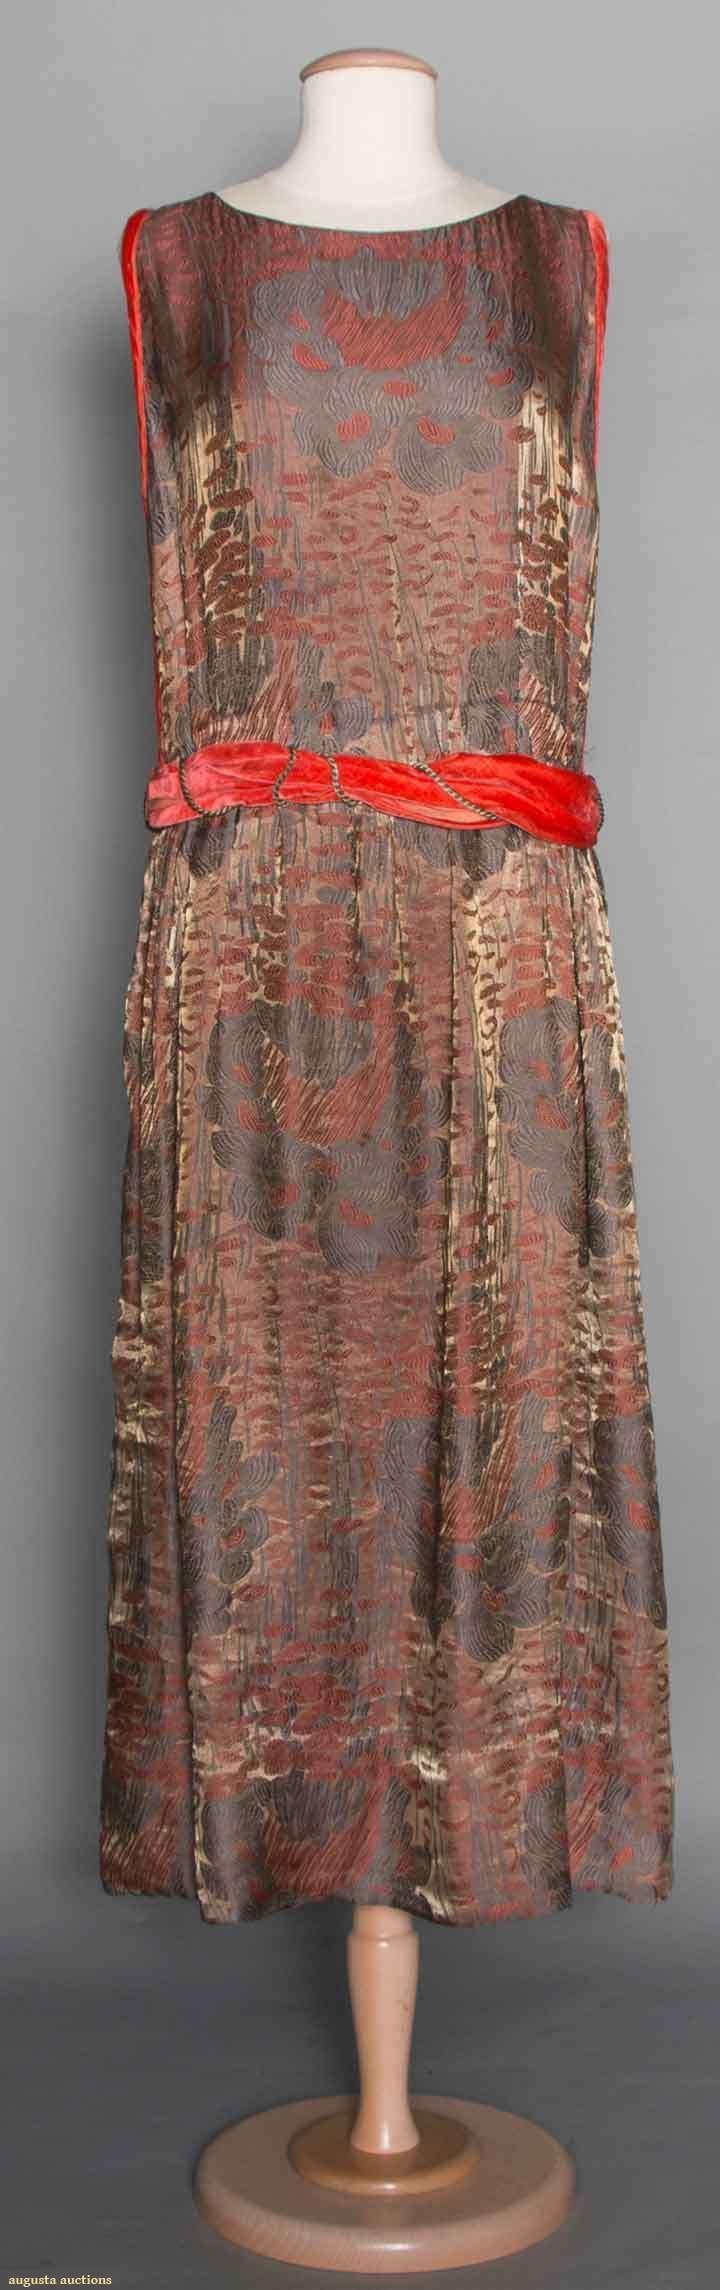 1920s Hazel's Frock | Nancy's Sewing Basket